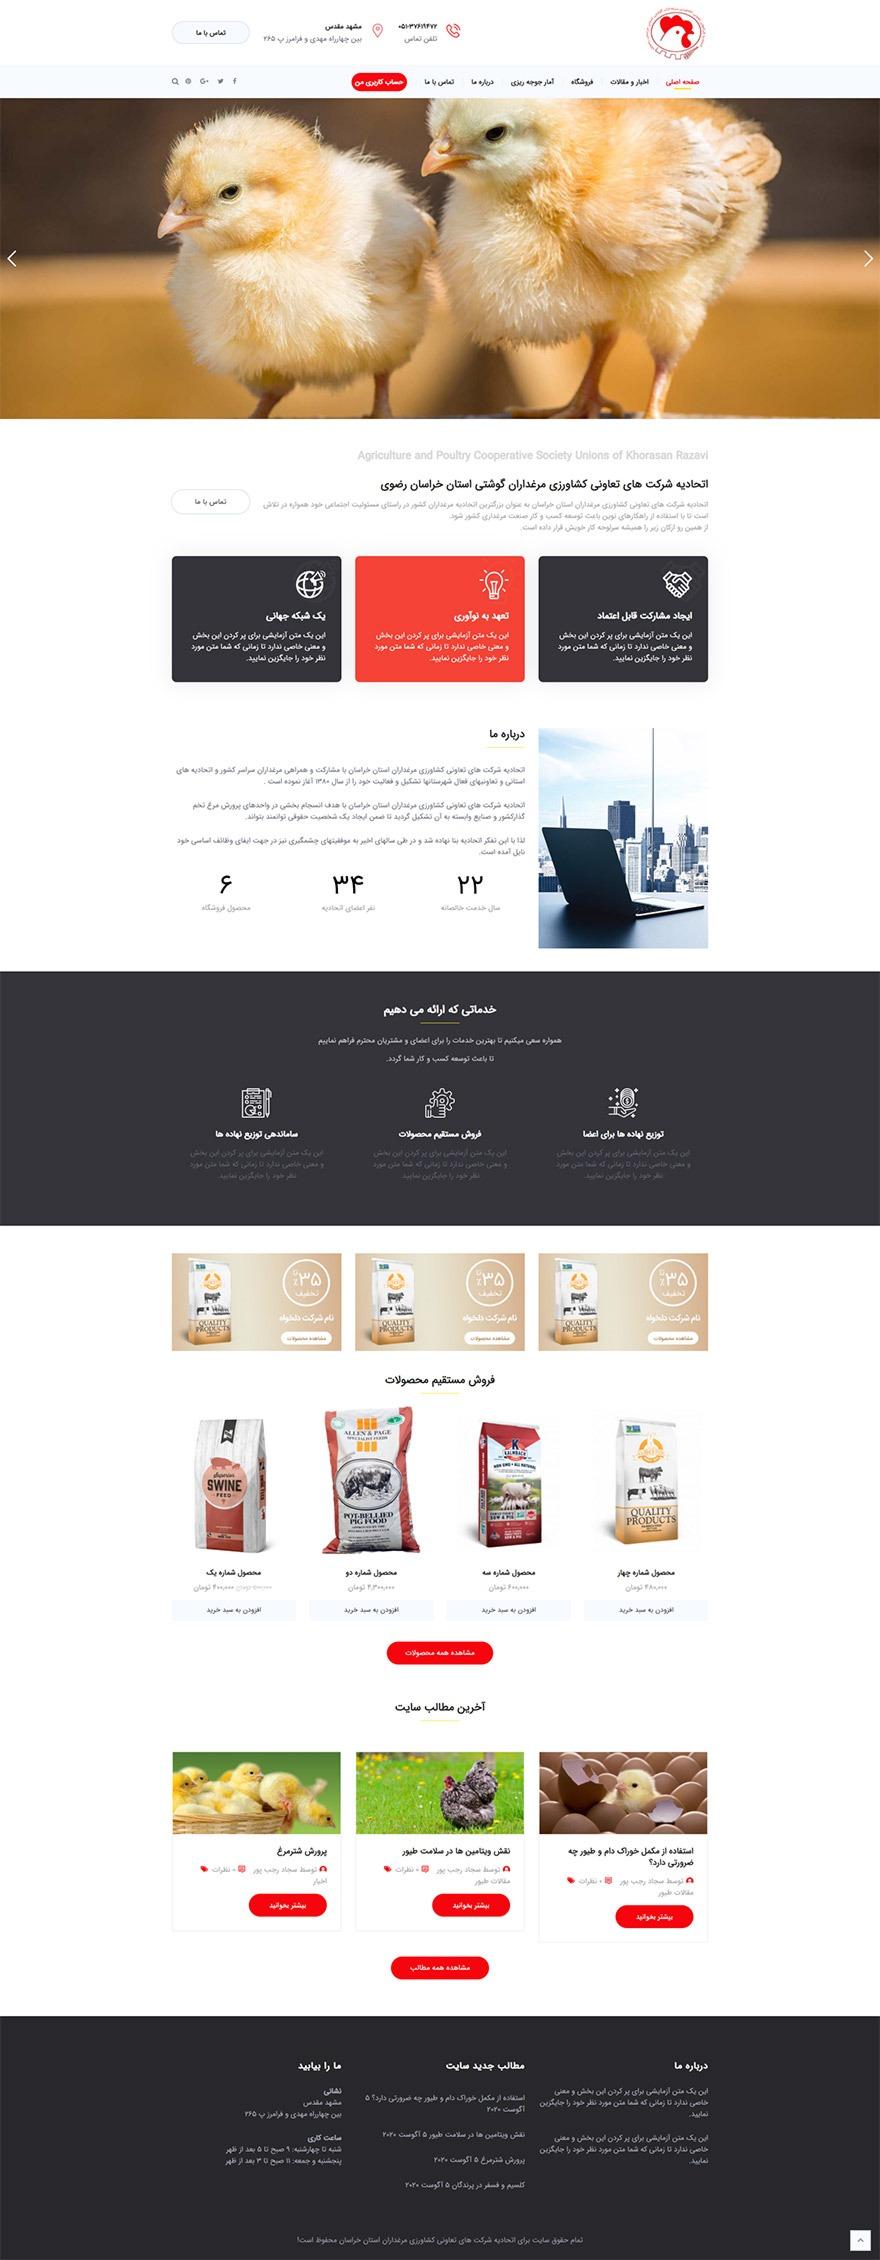 طراحی سایت اتحادیه مرغداران مشهد